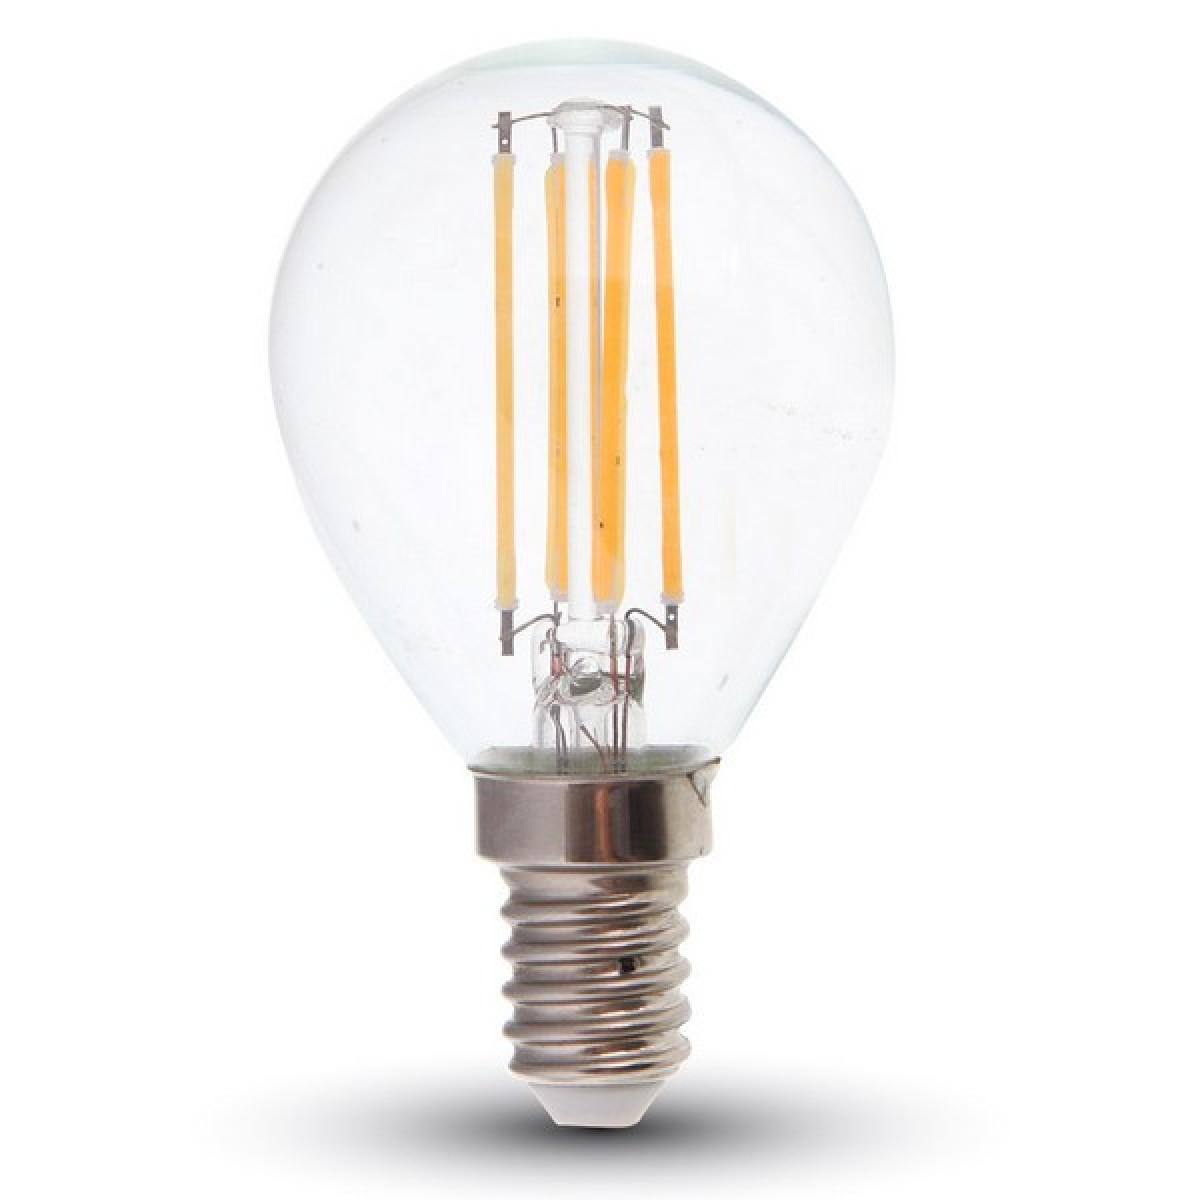 V-TAC LED žárovka VT-1996 4W E14 - 4000K čiré sklo